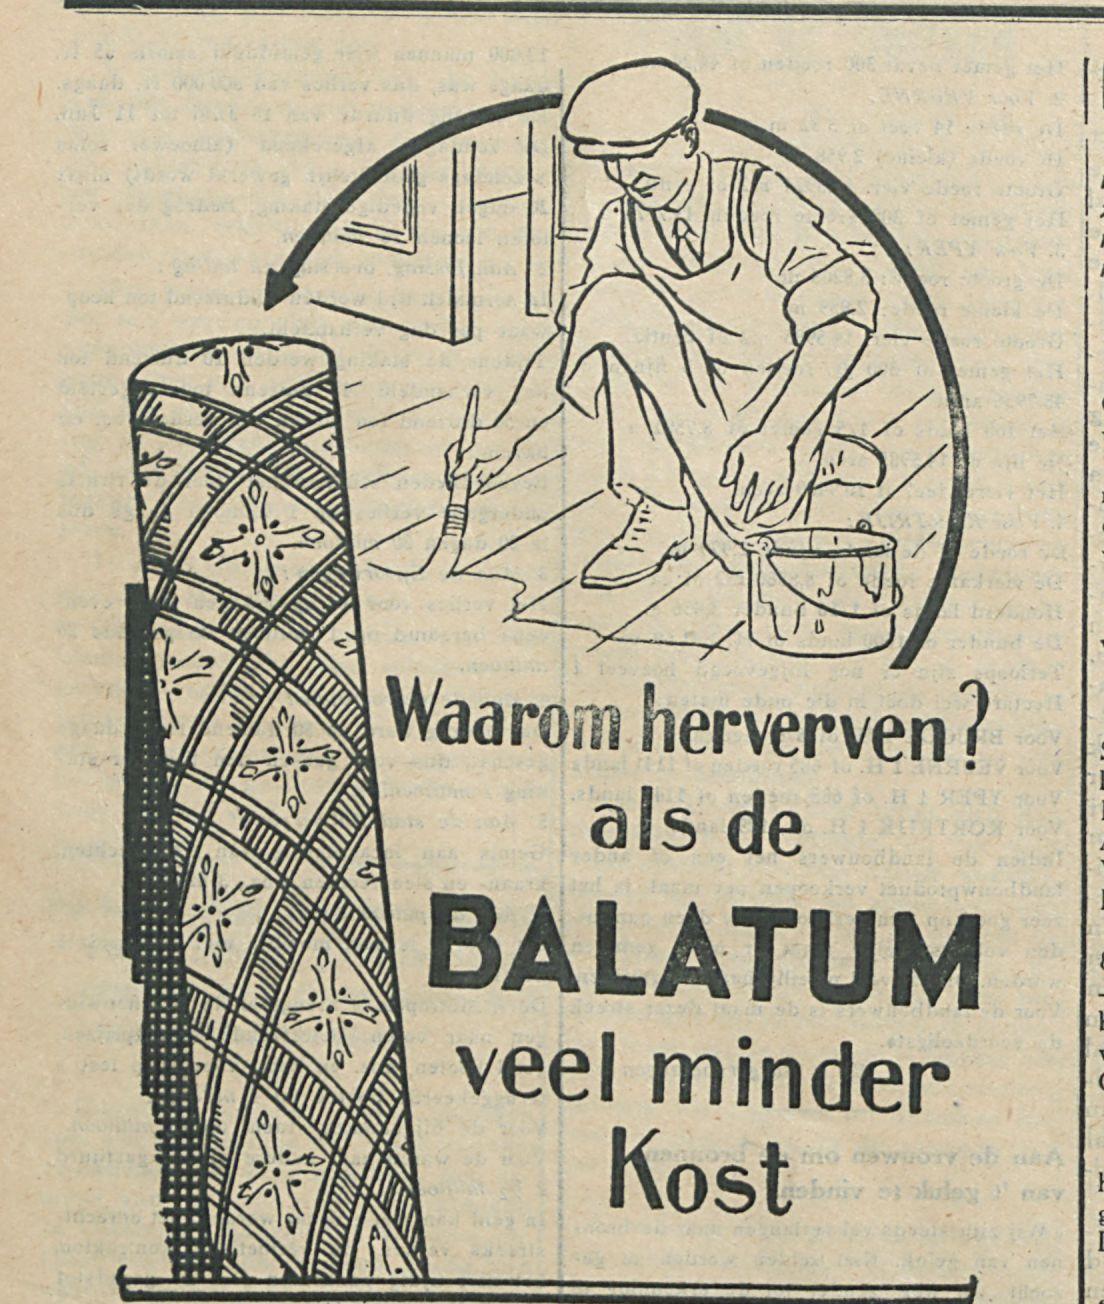 BALATUM